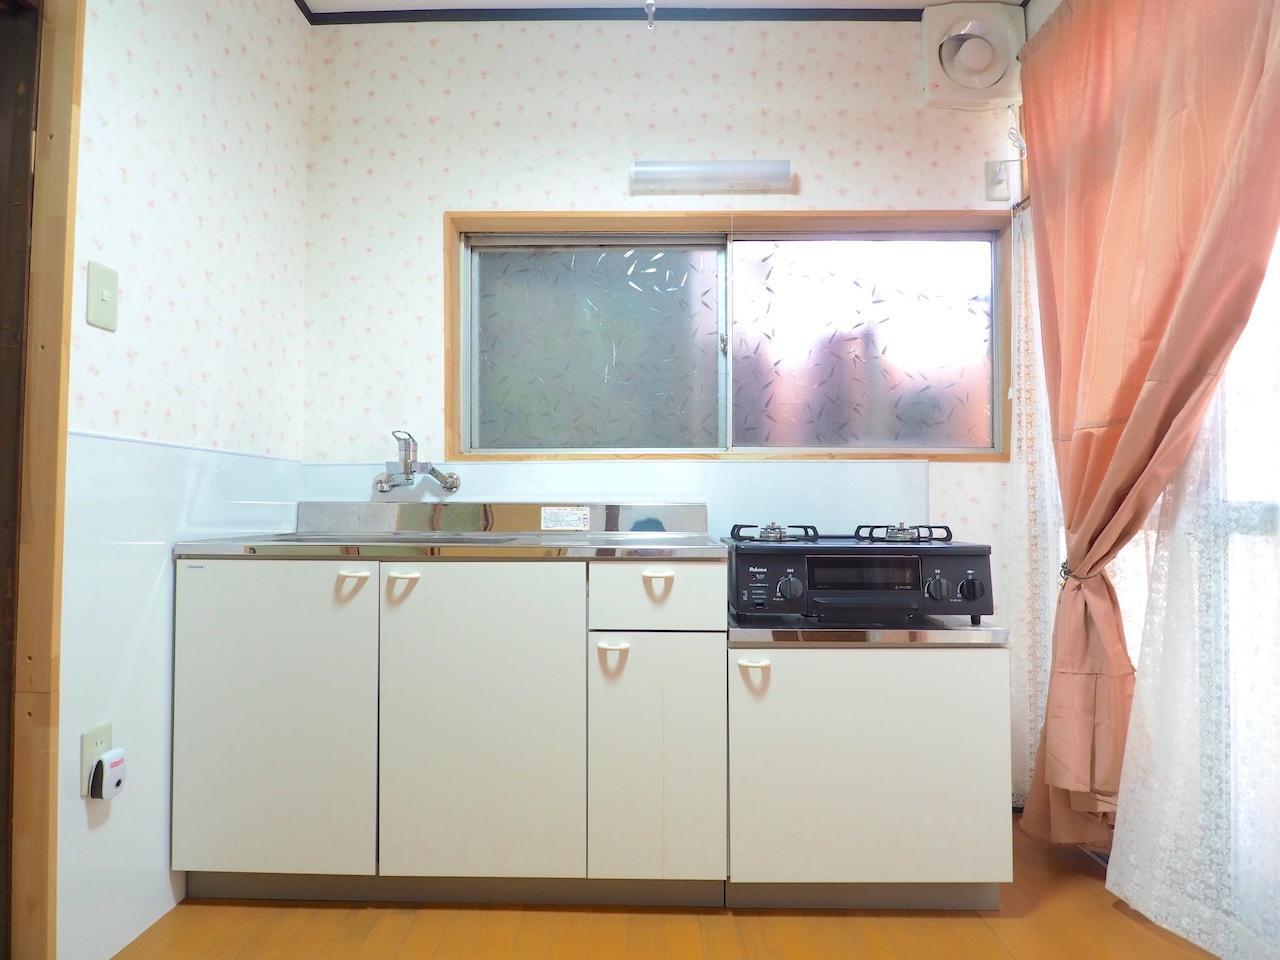 キッチンは綺麗。ガスコンロも完備。